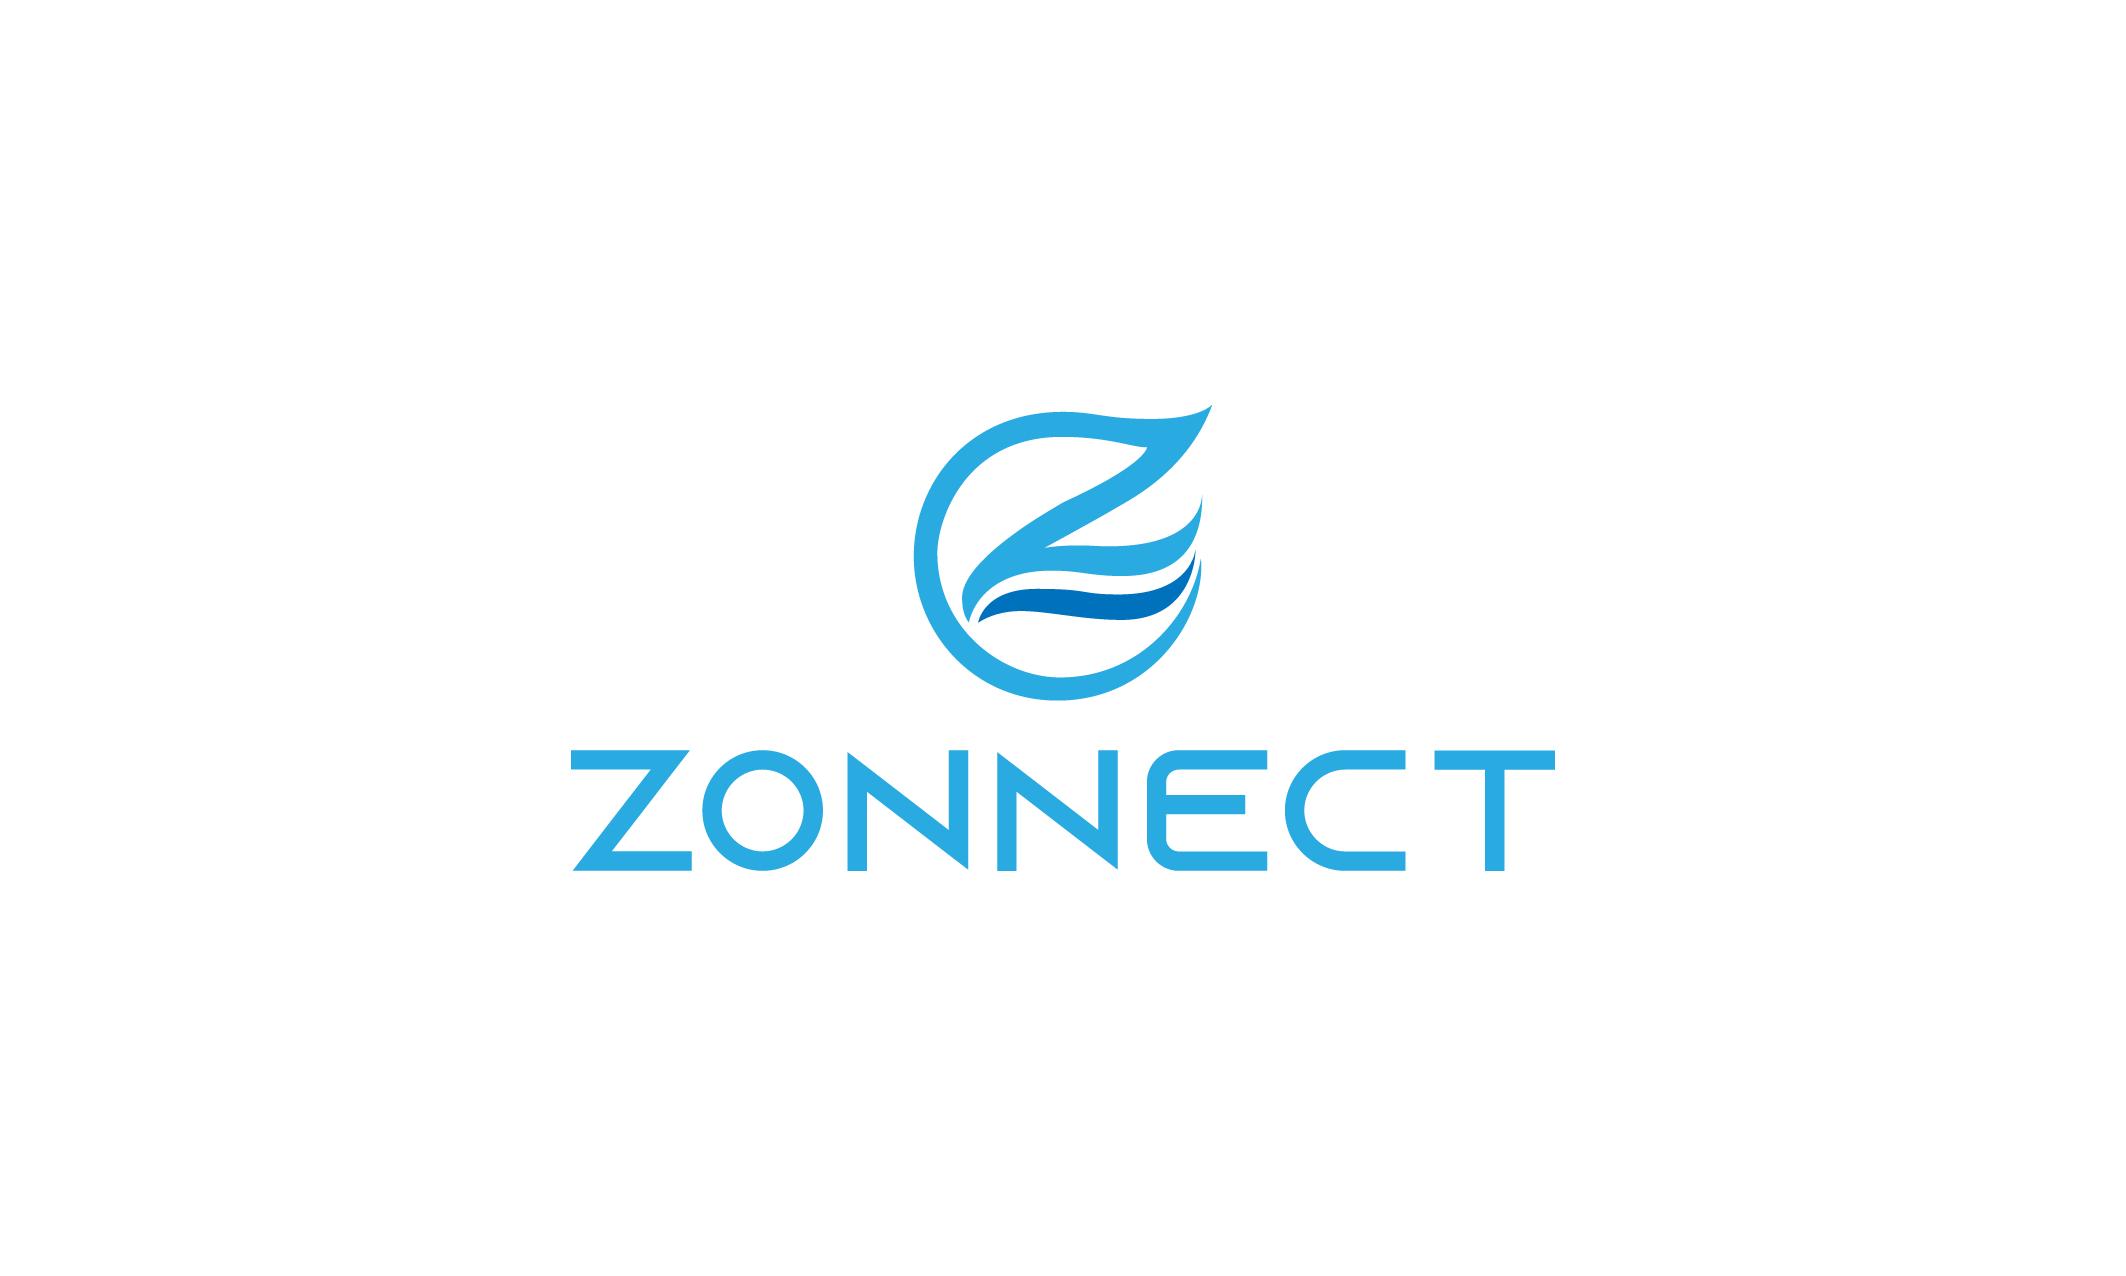 Zonnect.com